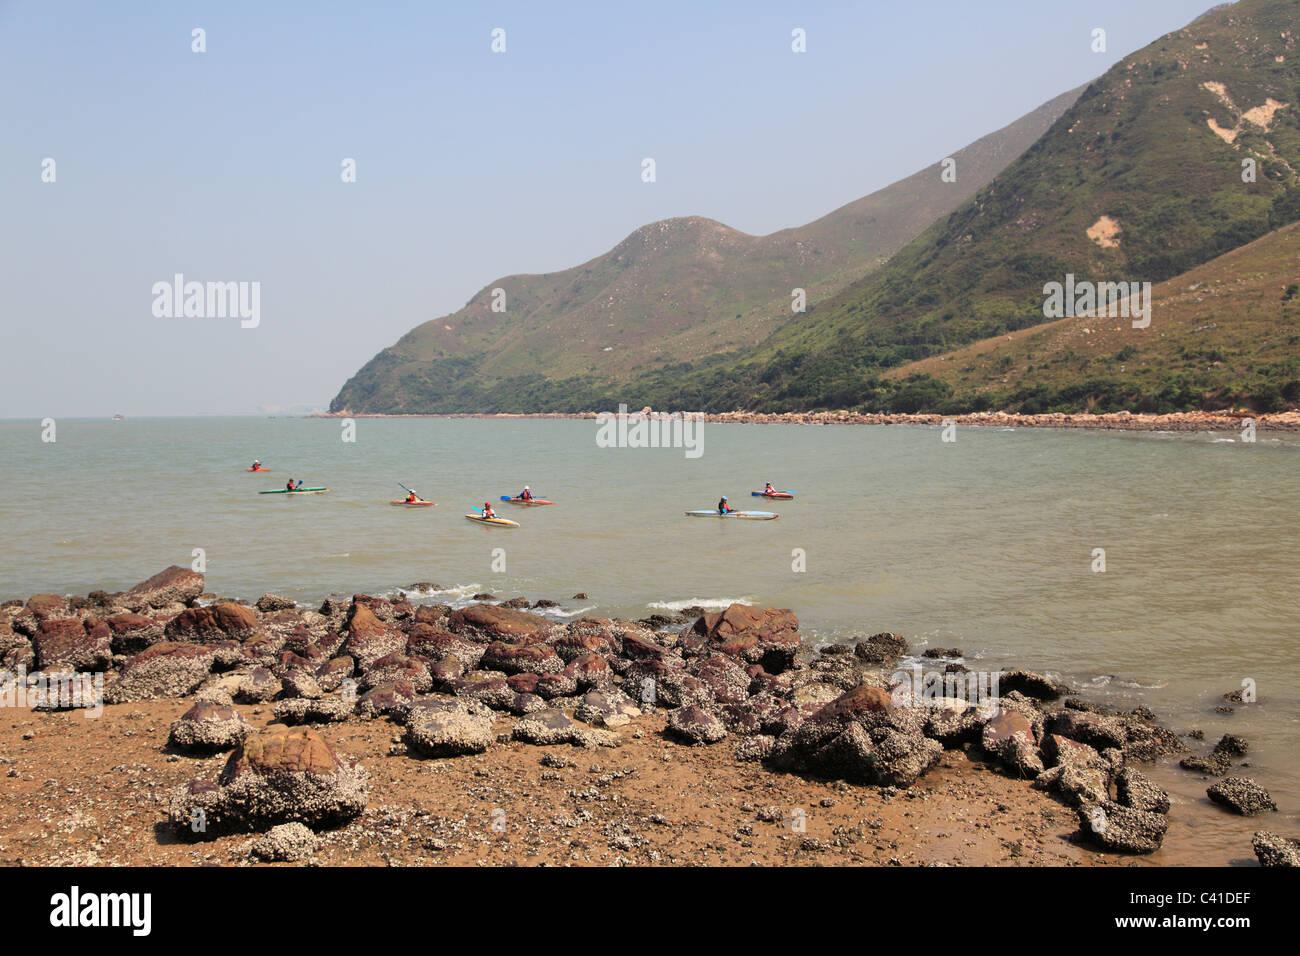 Kayakers, South China Sea, Lantau Island, Hong Kong, China, Asia - Stock Image